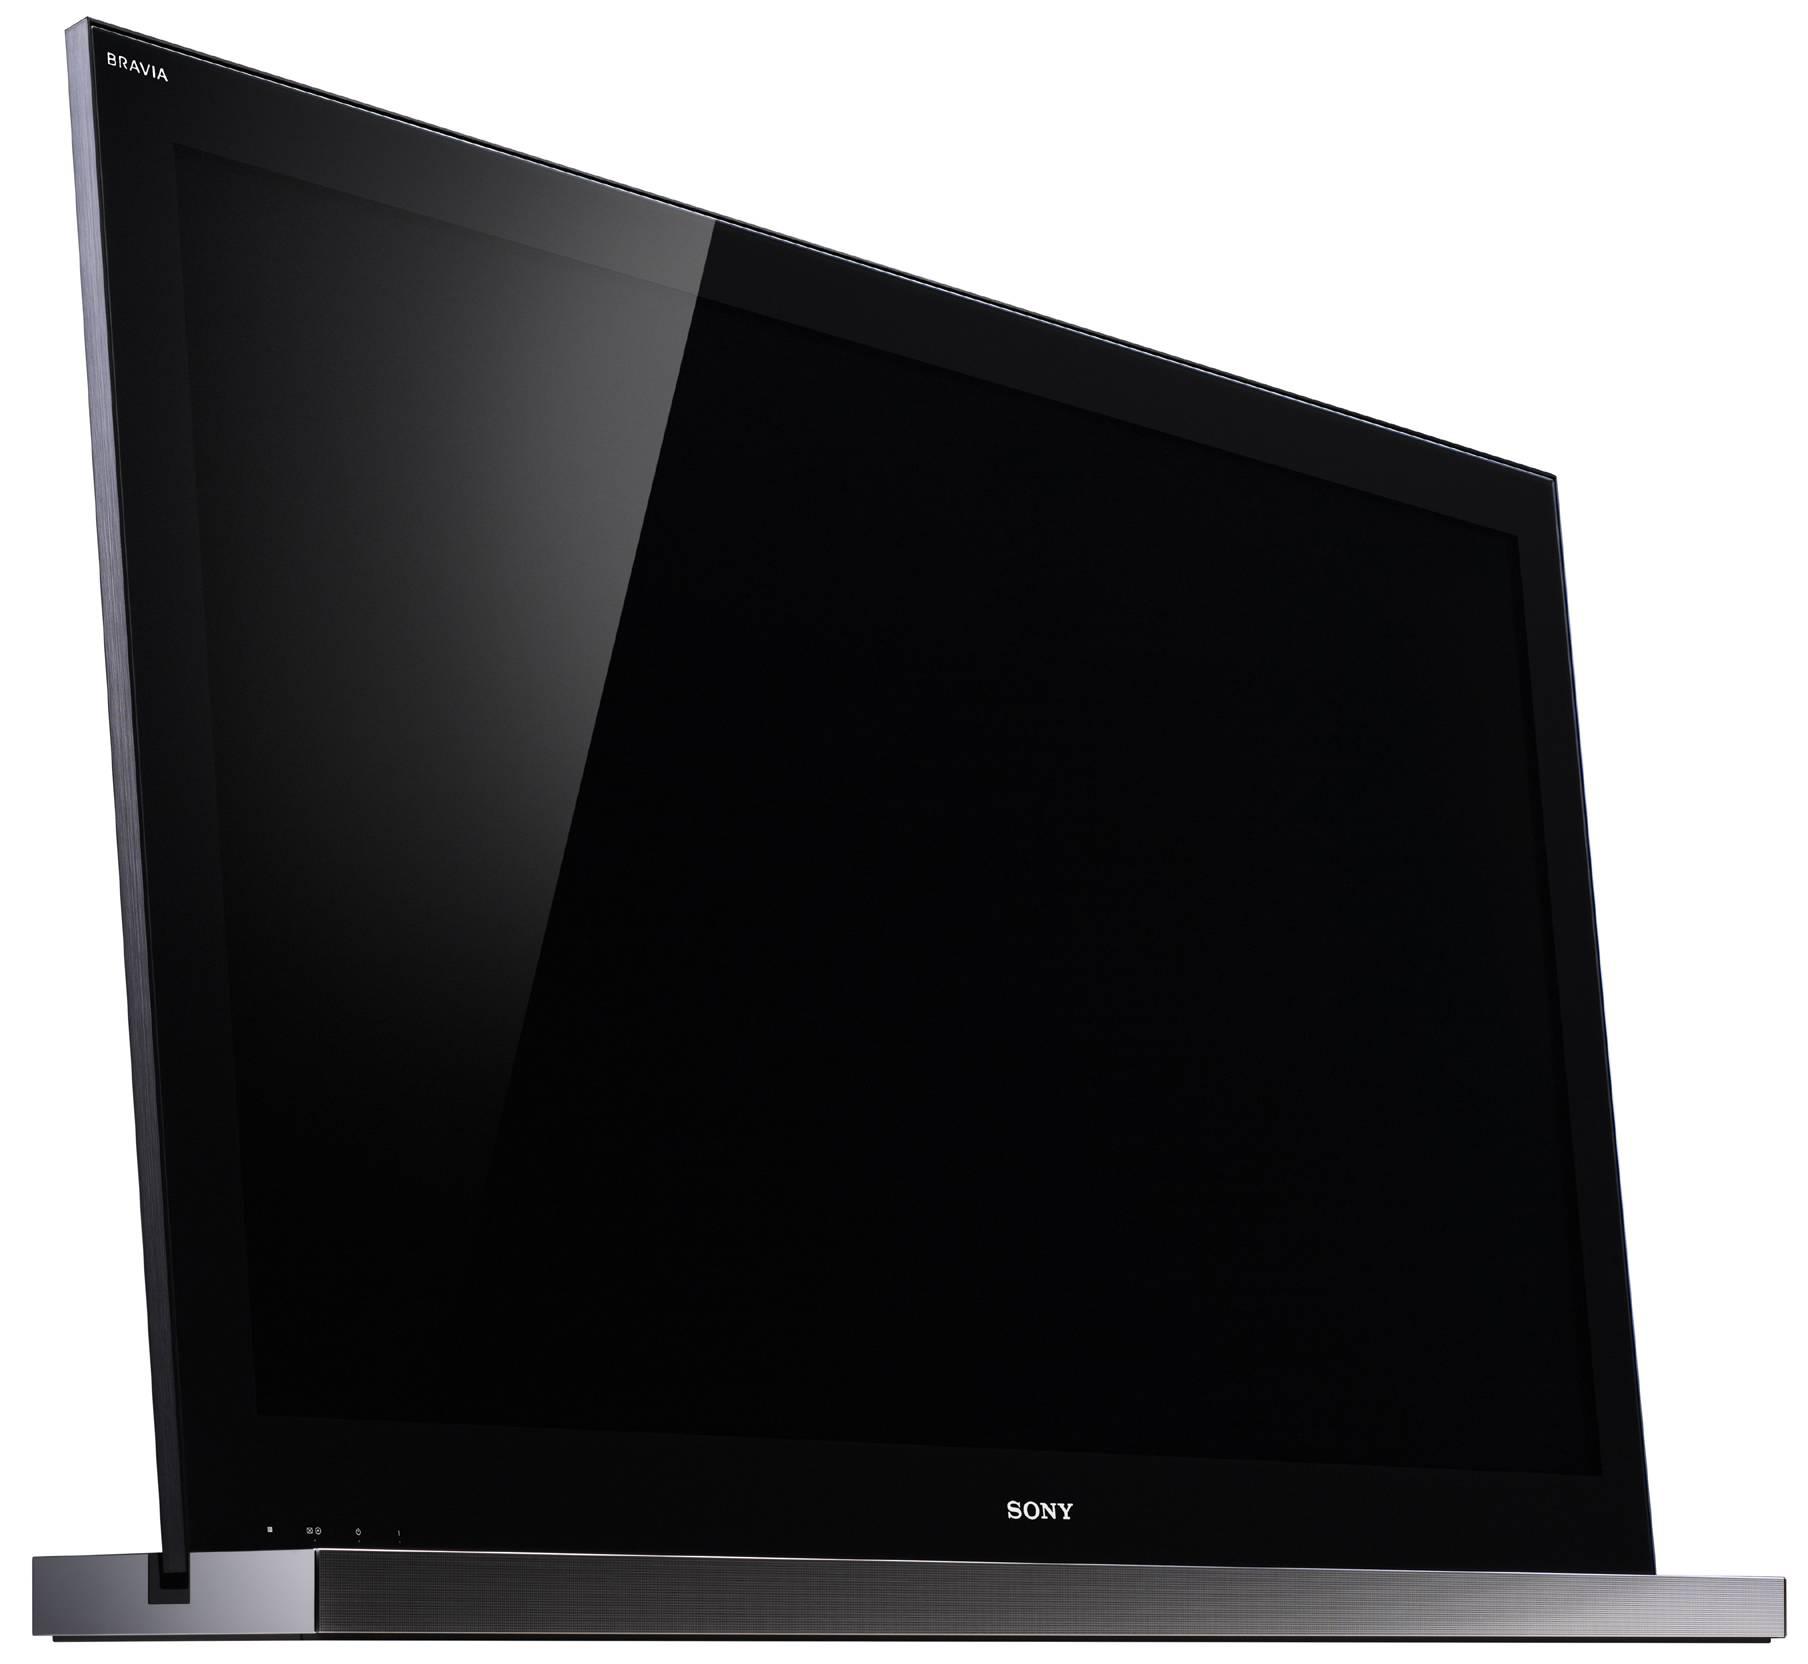 Sony-BRAVIA-NX800-6deg-right